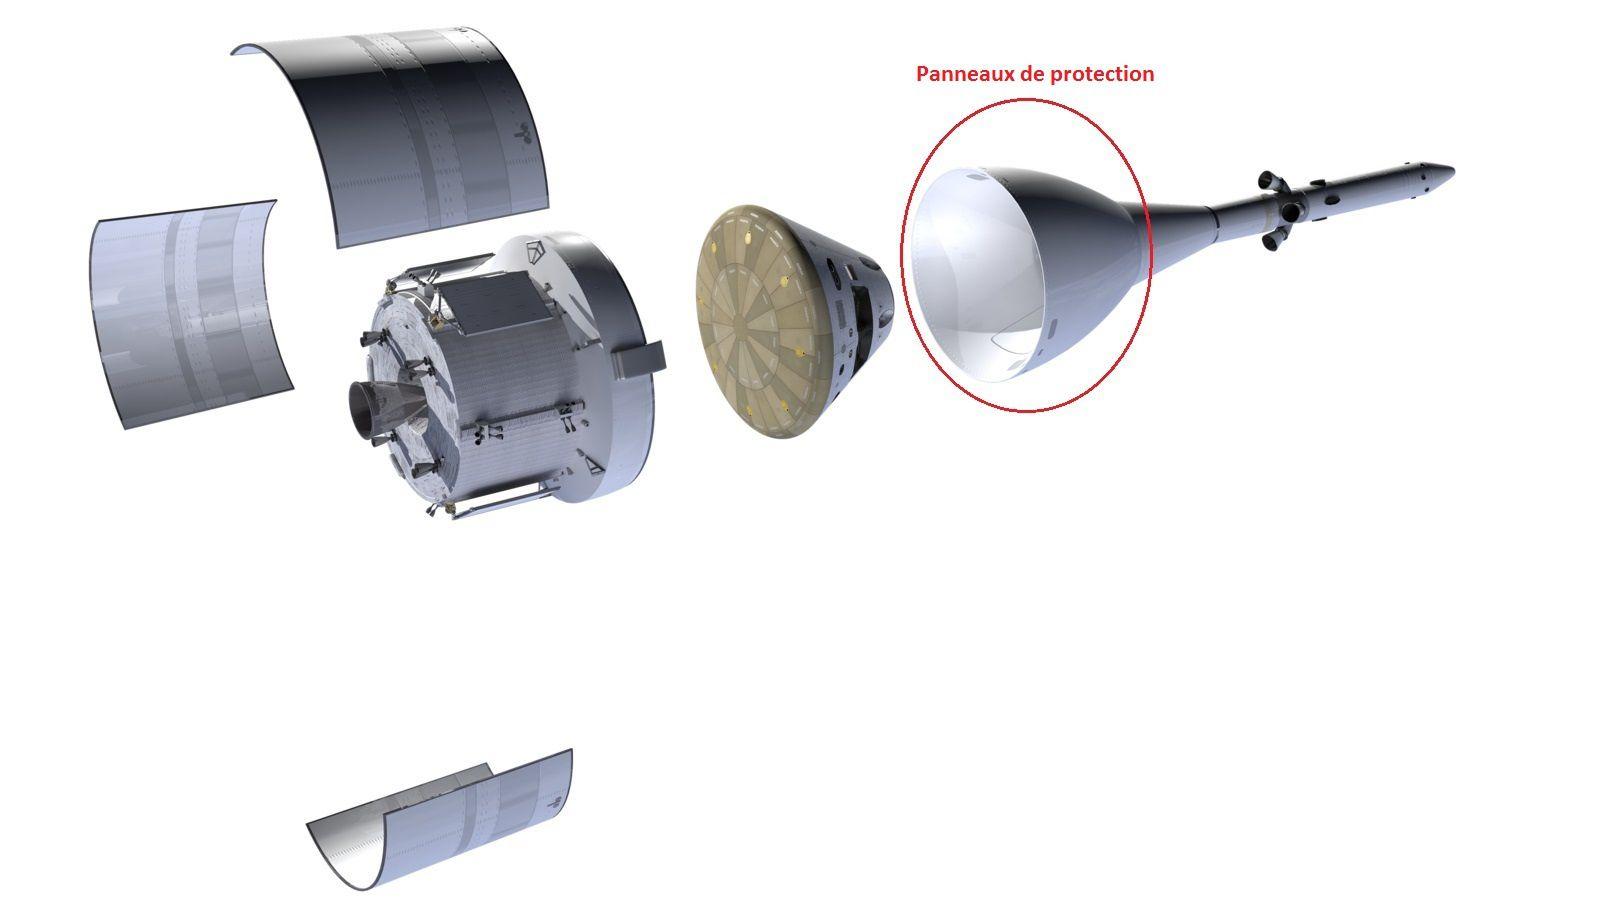 Livraison des panneaux de protection du module Orion